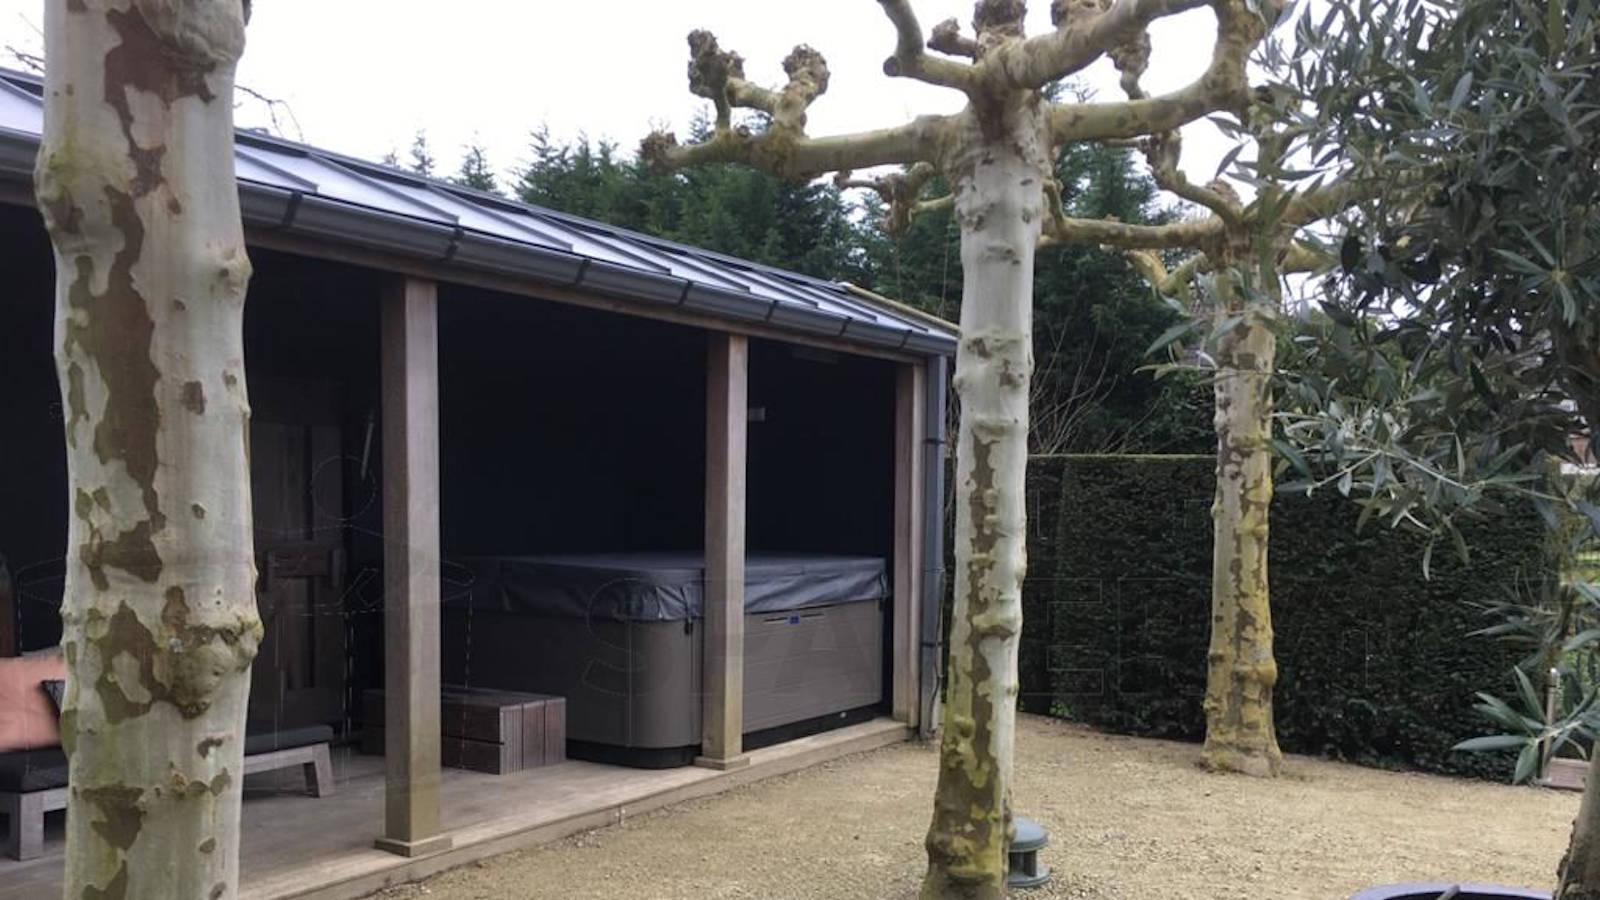 Onderhoud aan een automatisch doseersysteem van een Villeroy & Boch R7L spa in Rijssenhout